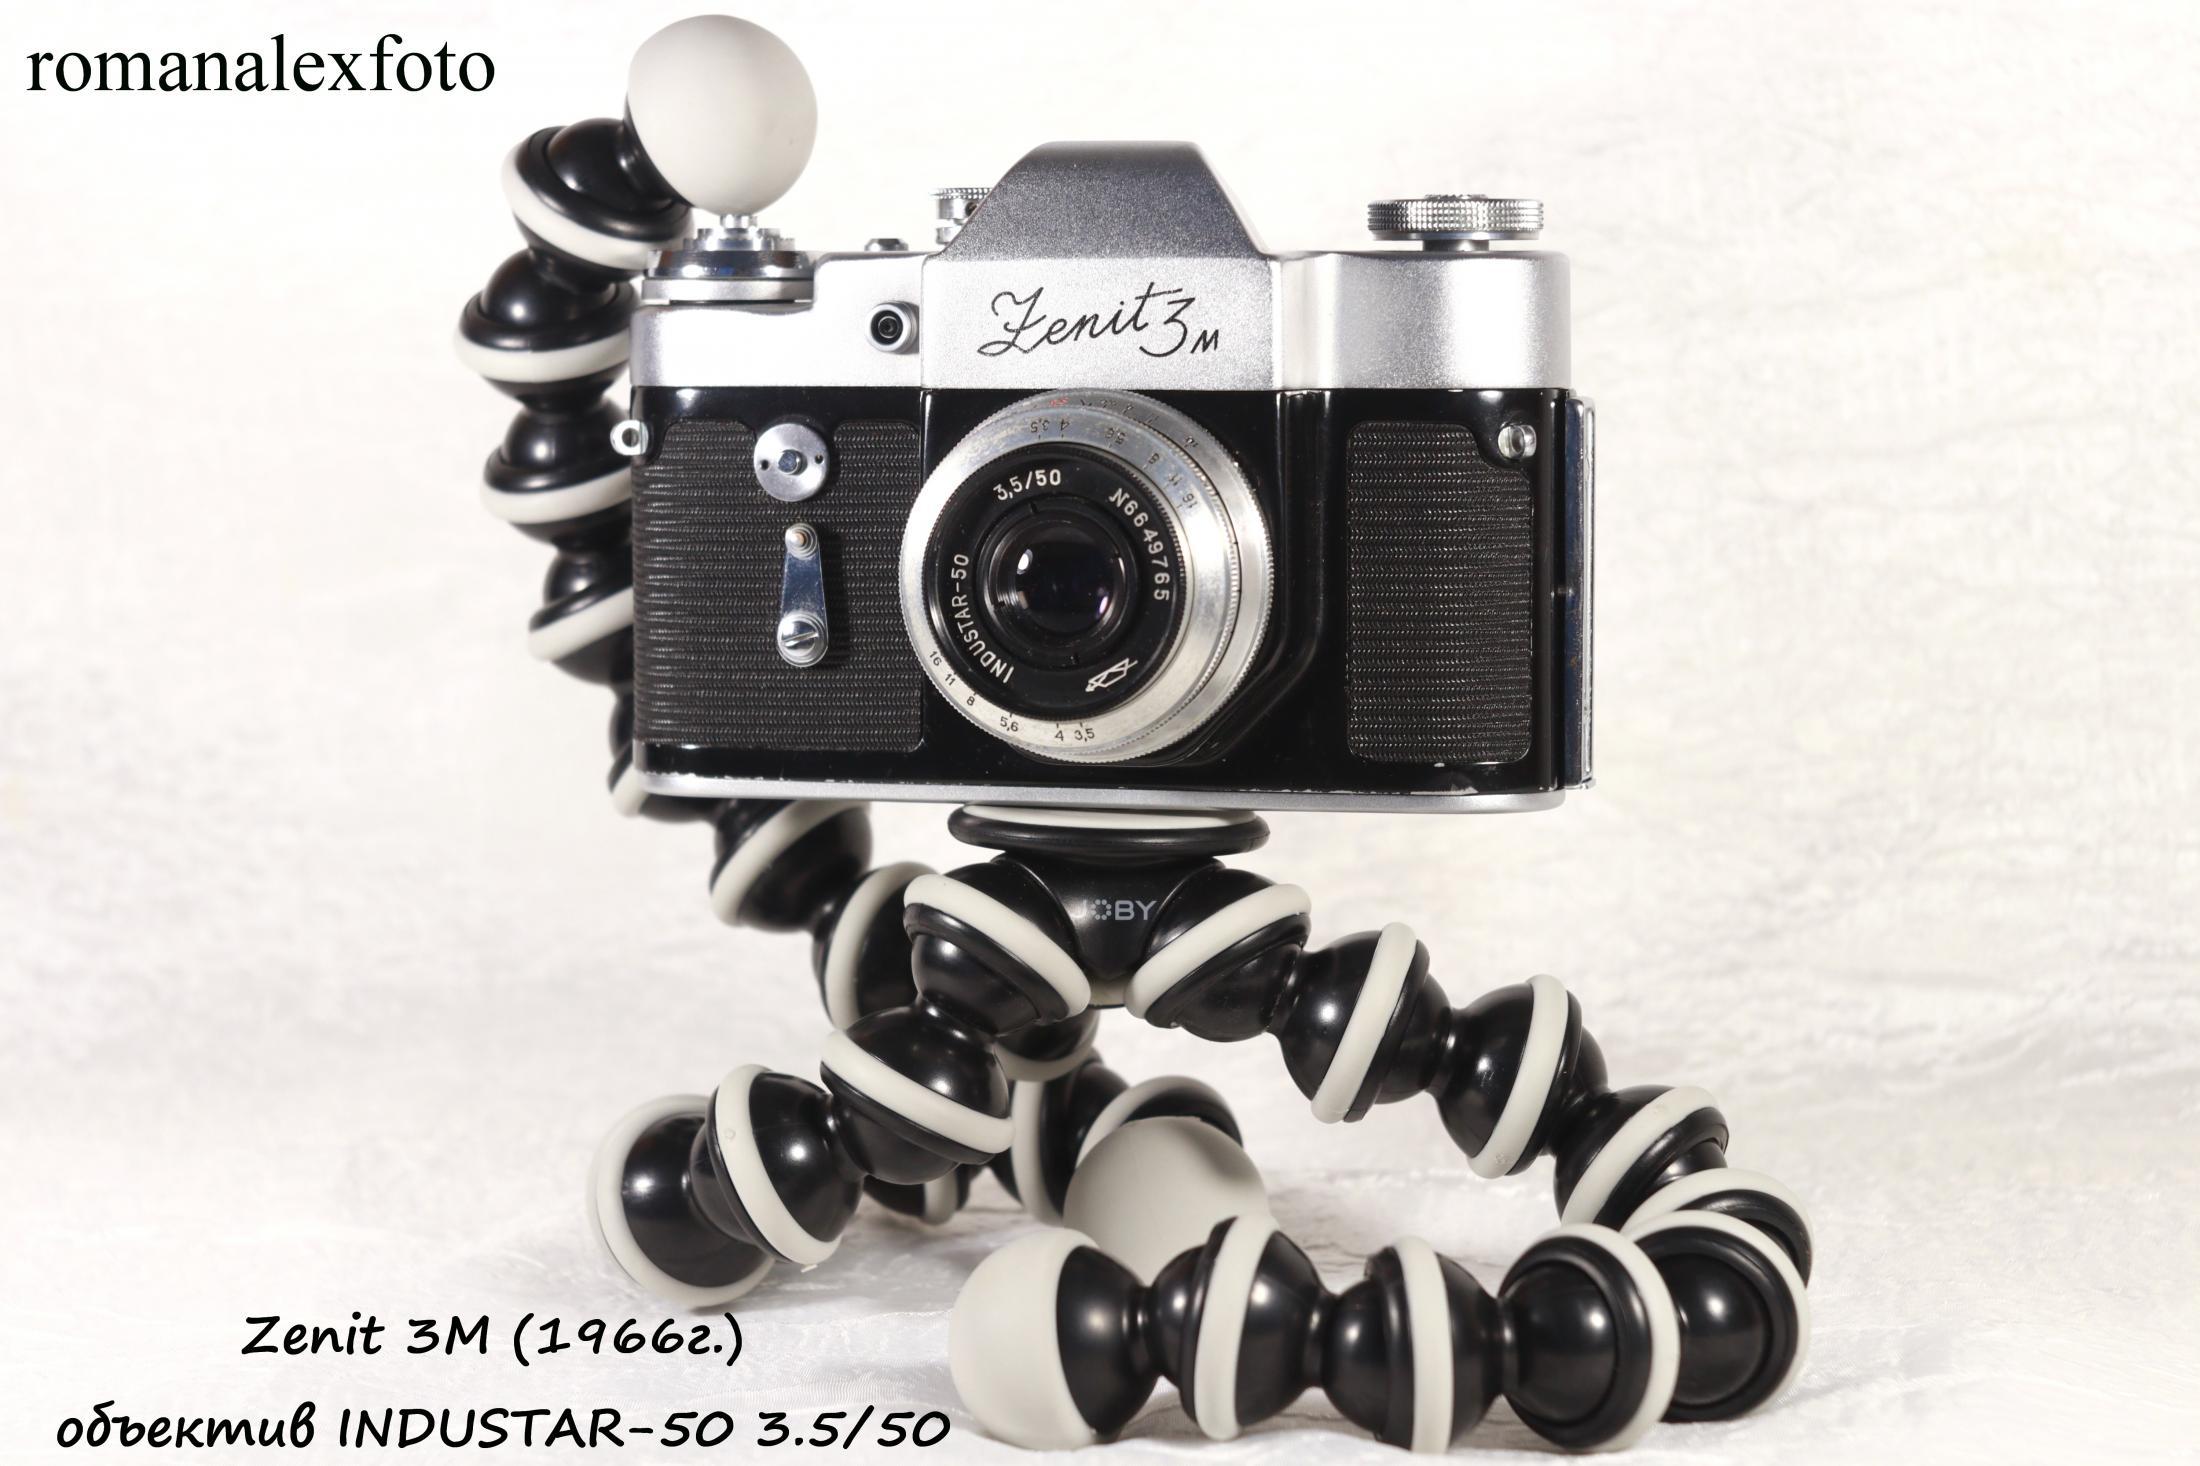 это найден фотоаппарат санкт петербург этом, также